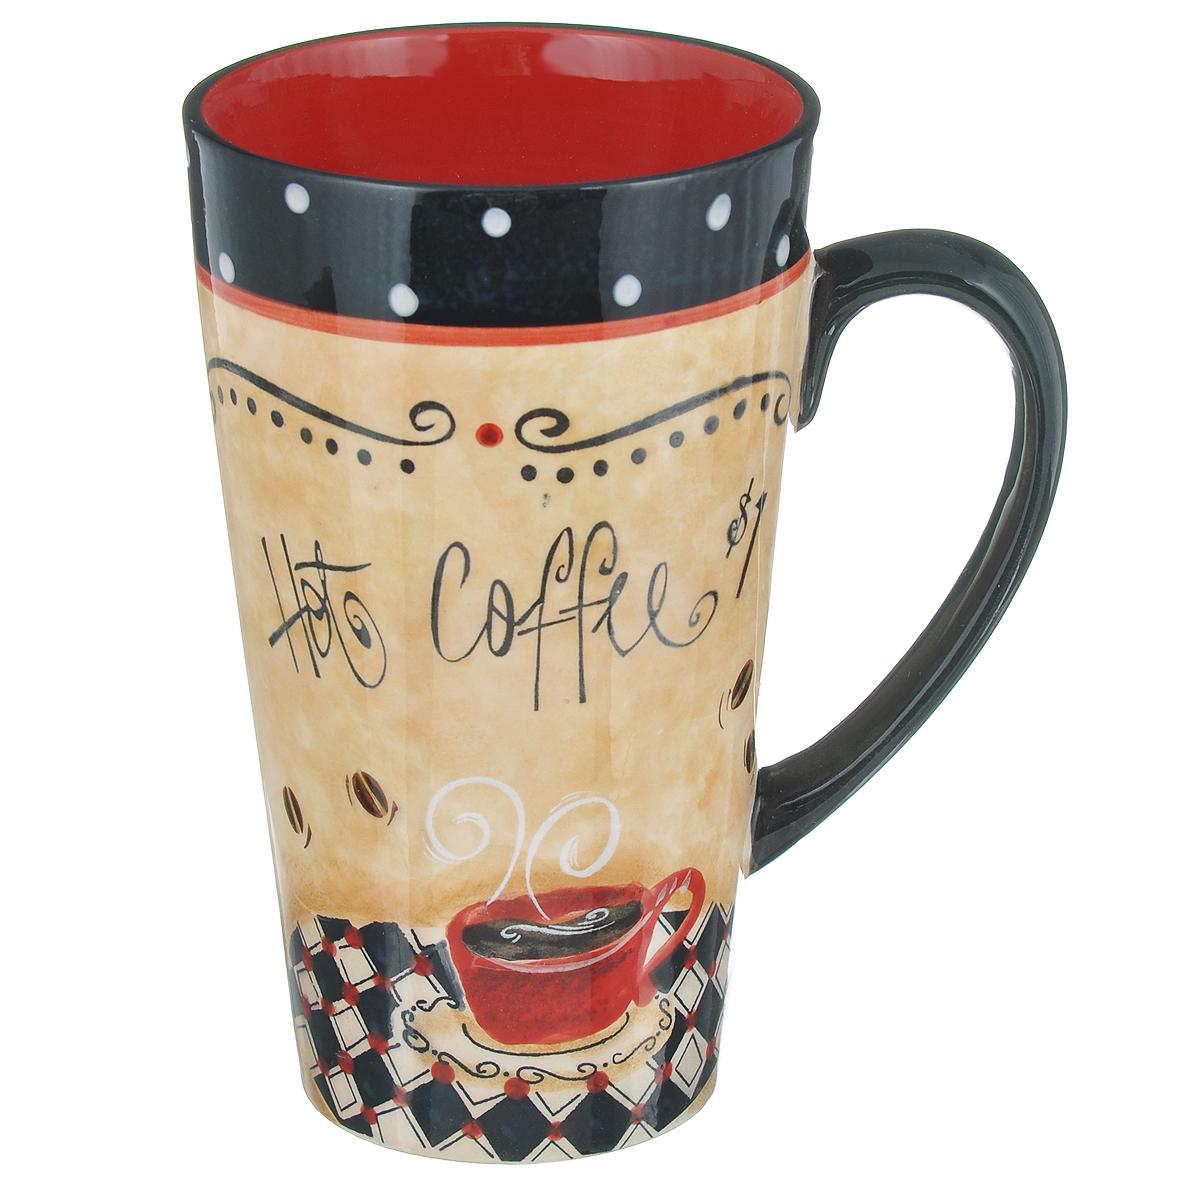 Кружка Certified International Капучино, 470 мл47504_черный,бежевый,красный,белыйКружка Certified International Капучино выполнена из высококачественной керамики и оформлена изображением чашки с кофе. Изделие имеет удлиненную коническую форму. Идеально подходит для подачи кофе. Кружка отличается практичностью и высоким качеством. Кружка Certified International Капучино позволит насладиться любимым напитком. Можно мыть в посудомоечной машине и использовать в микроволновой печи. Диаметр по верхнему краю: 9 см.